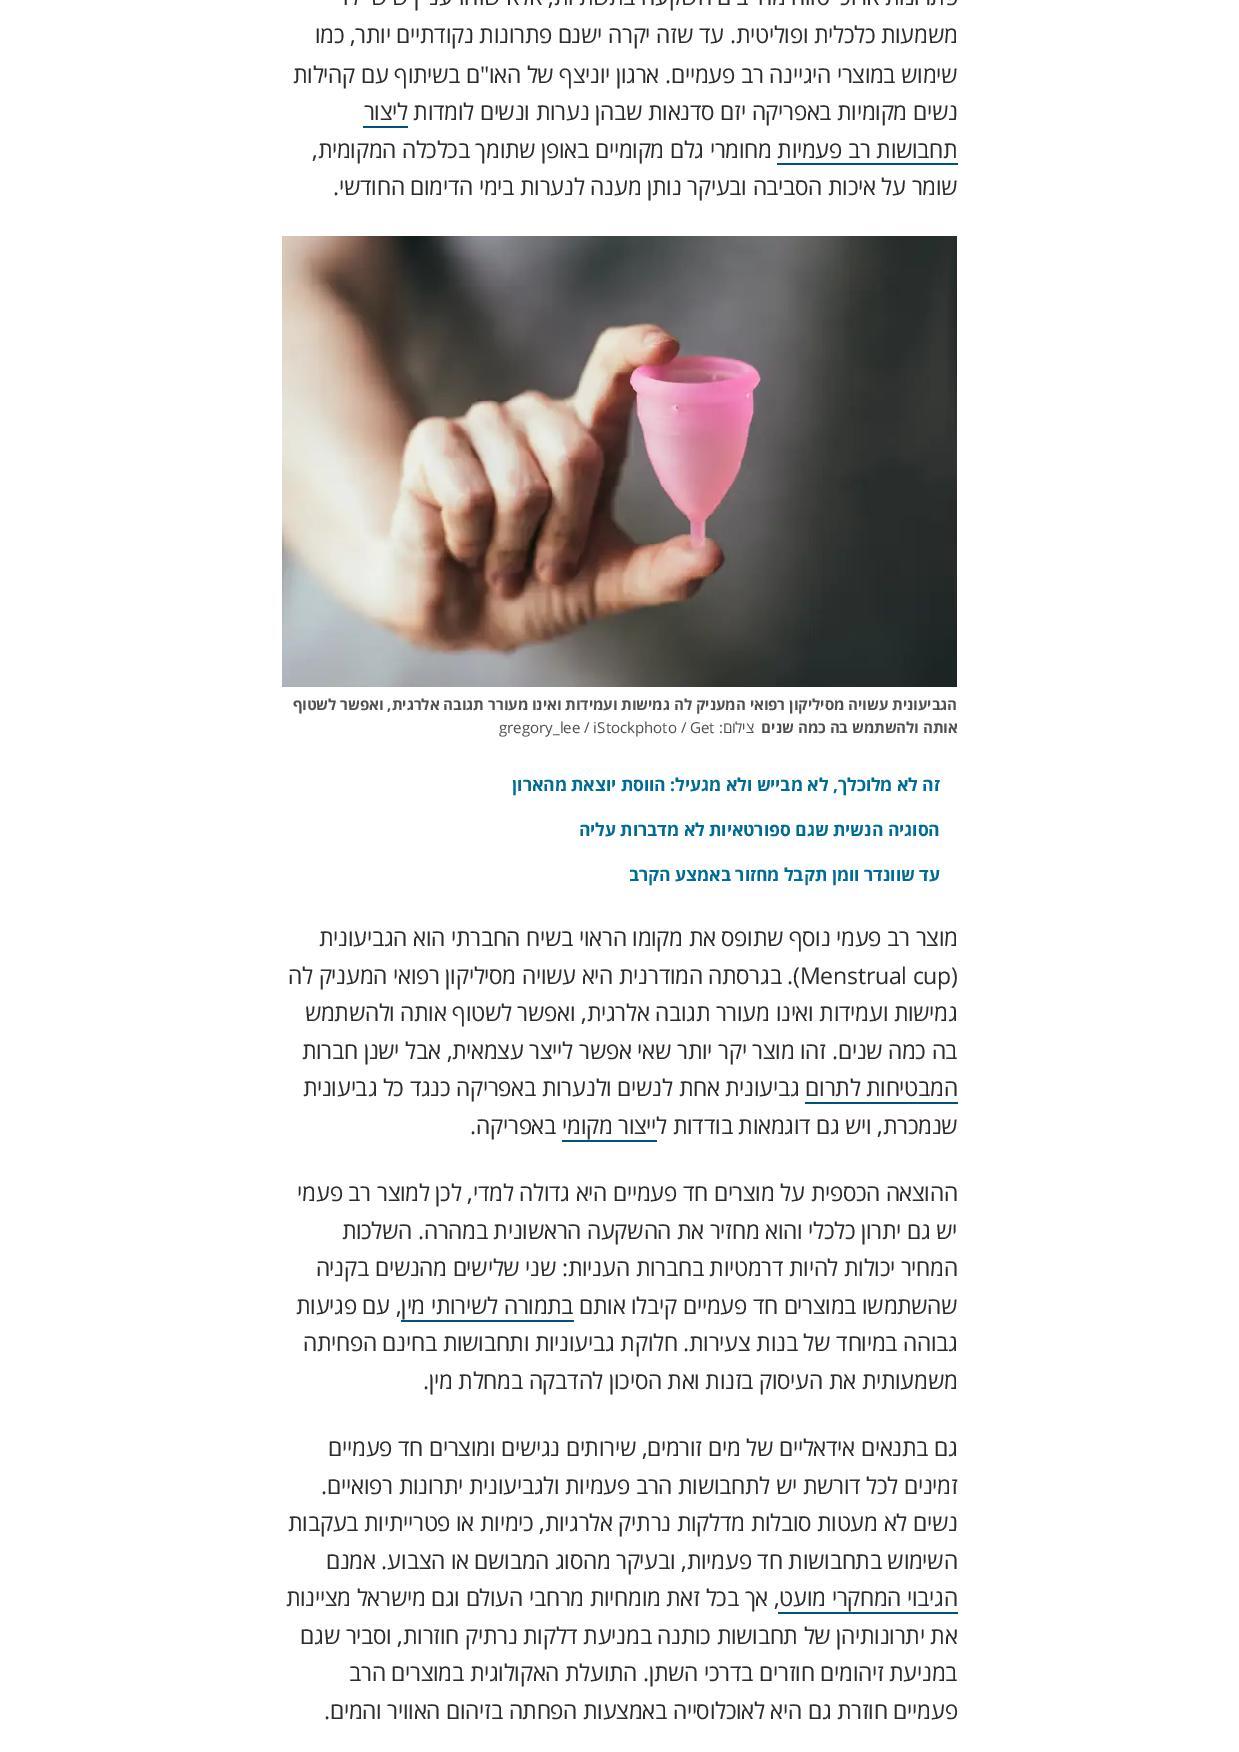 השפעתה של הווסת על חיי נערות בעולם השלישי - רפואה פמיניסטית - הארץ-page-002